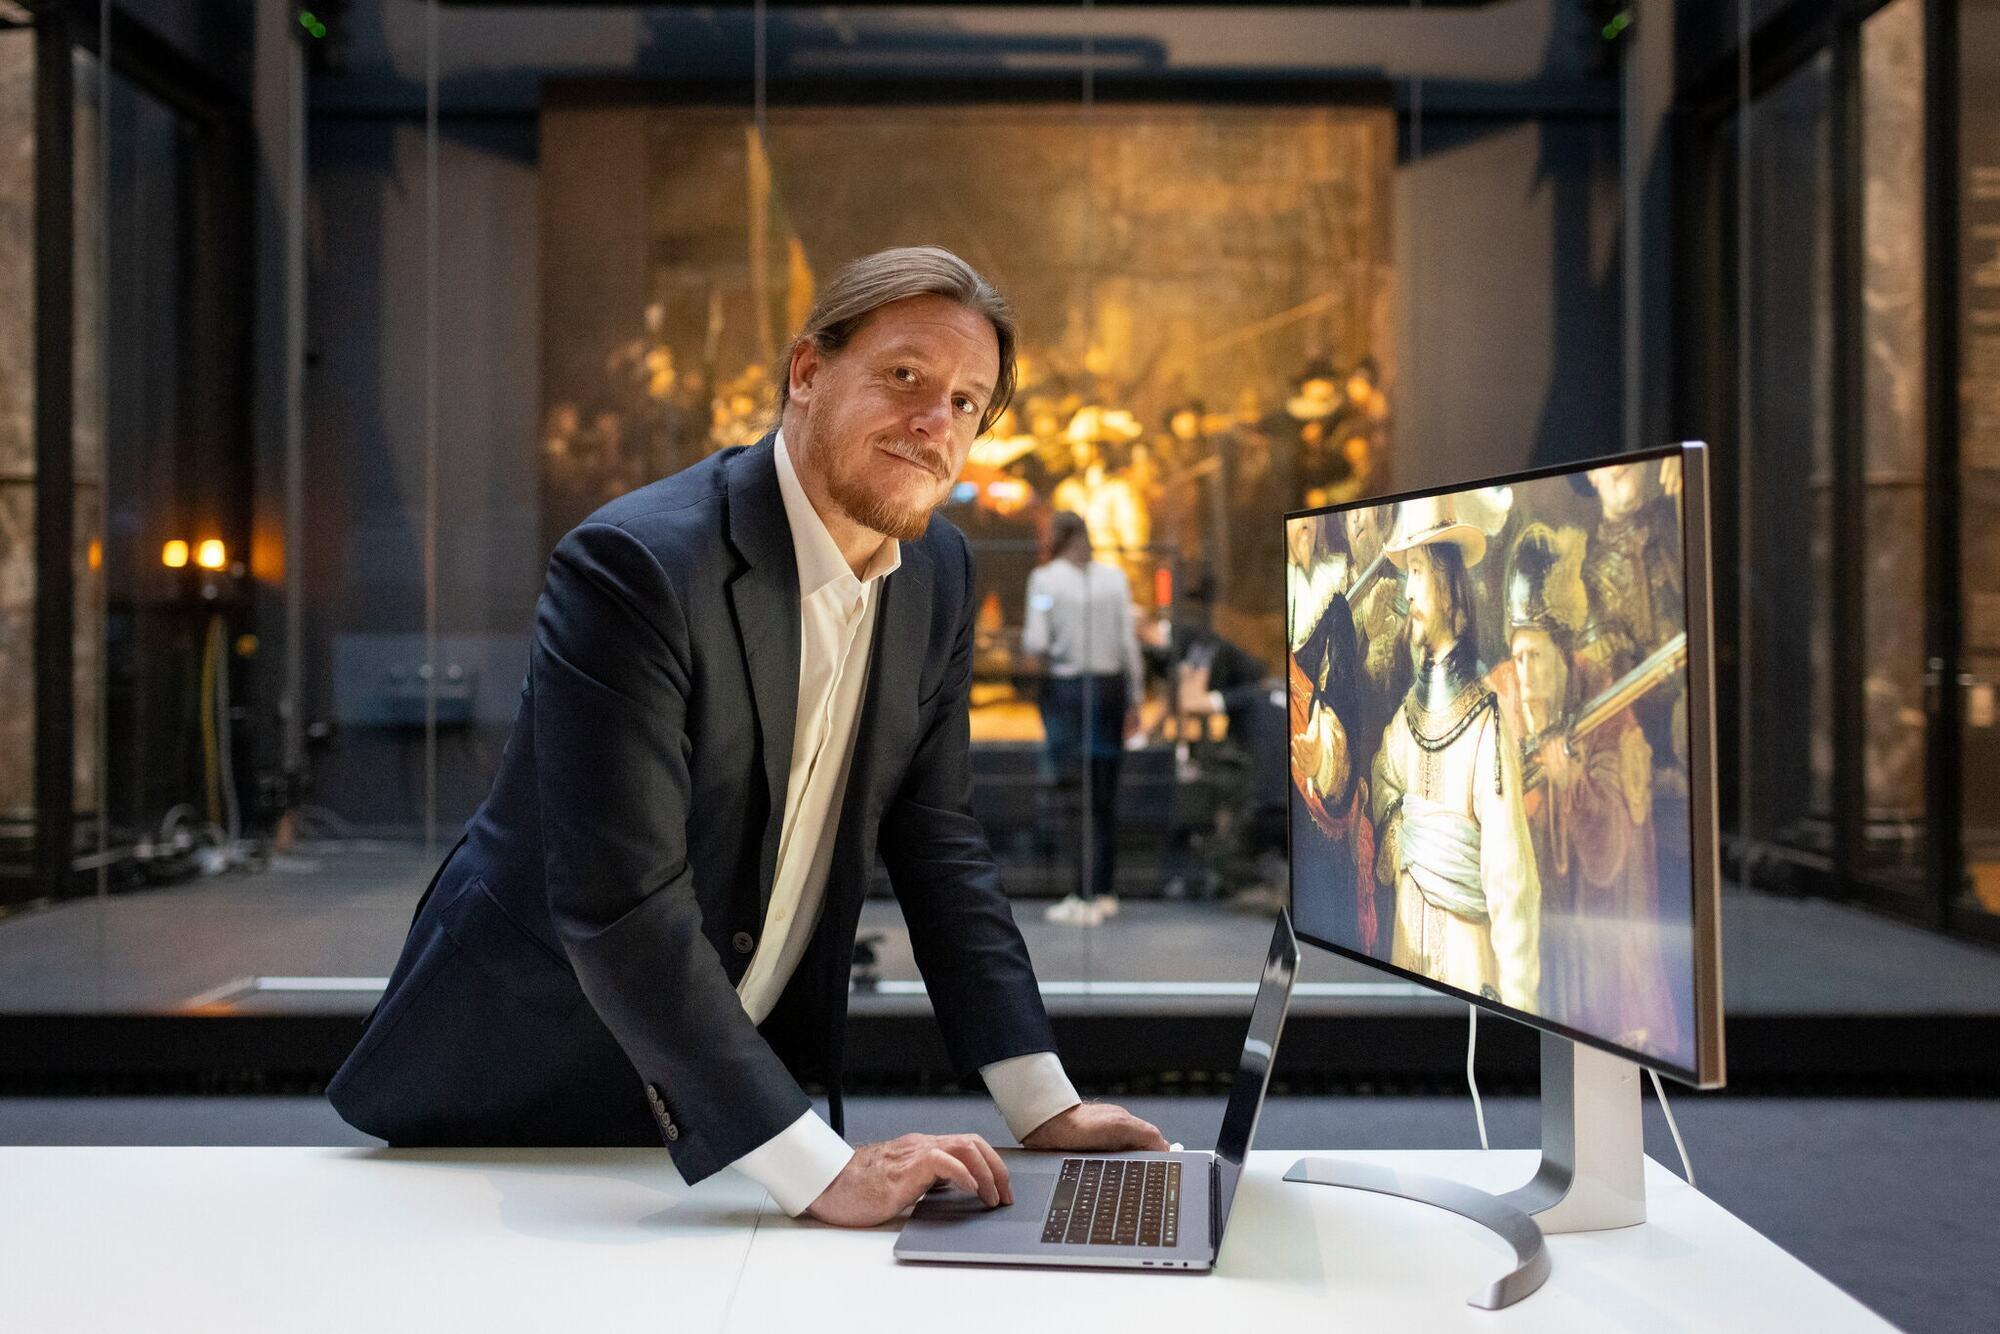 Роберт Ердман відновив втрачені фрагменти картини